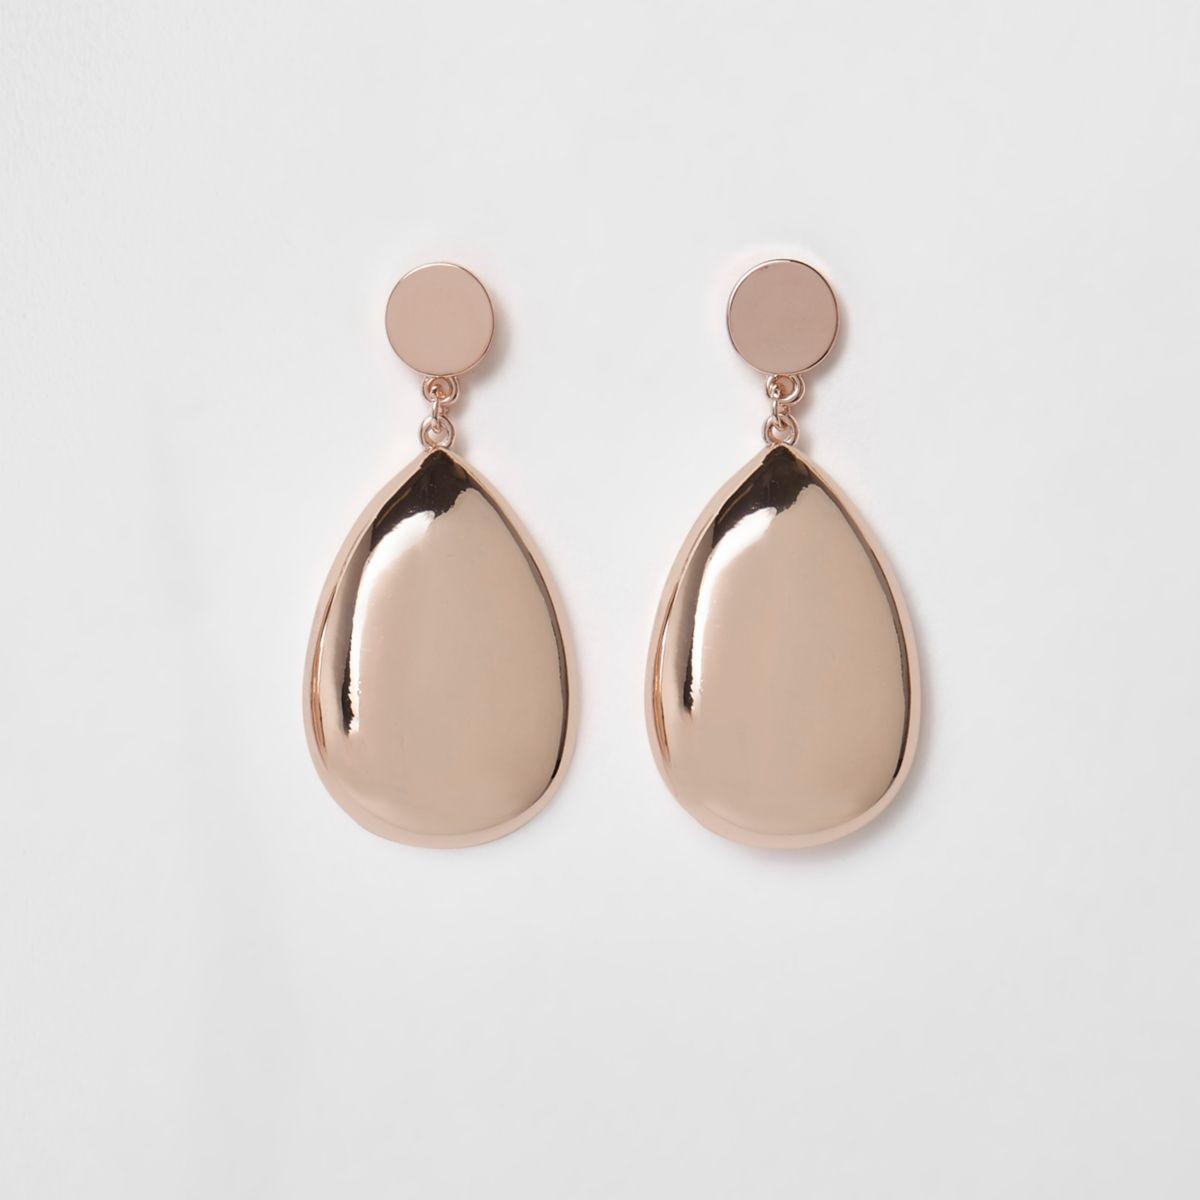 Rose gold tone teardrop earrings